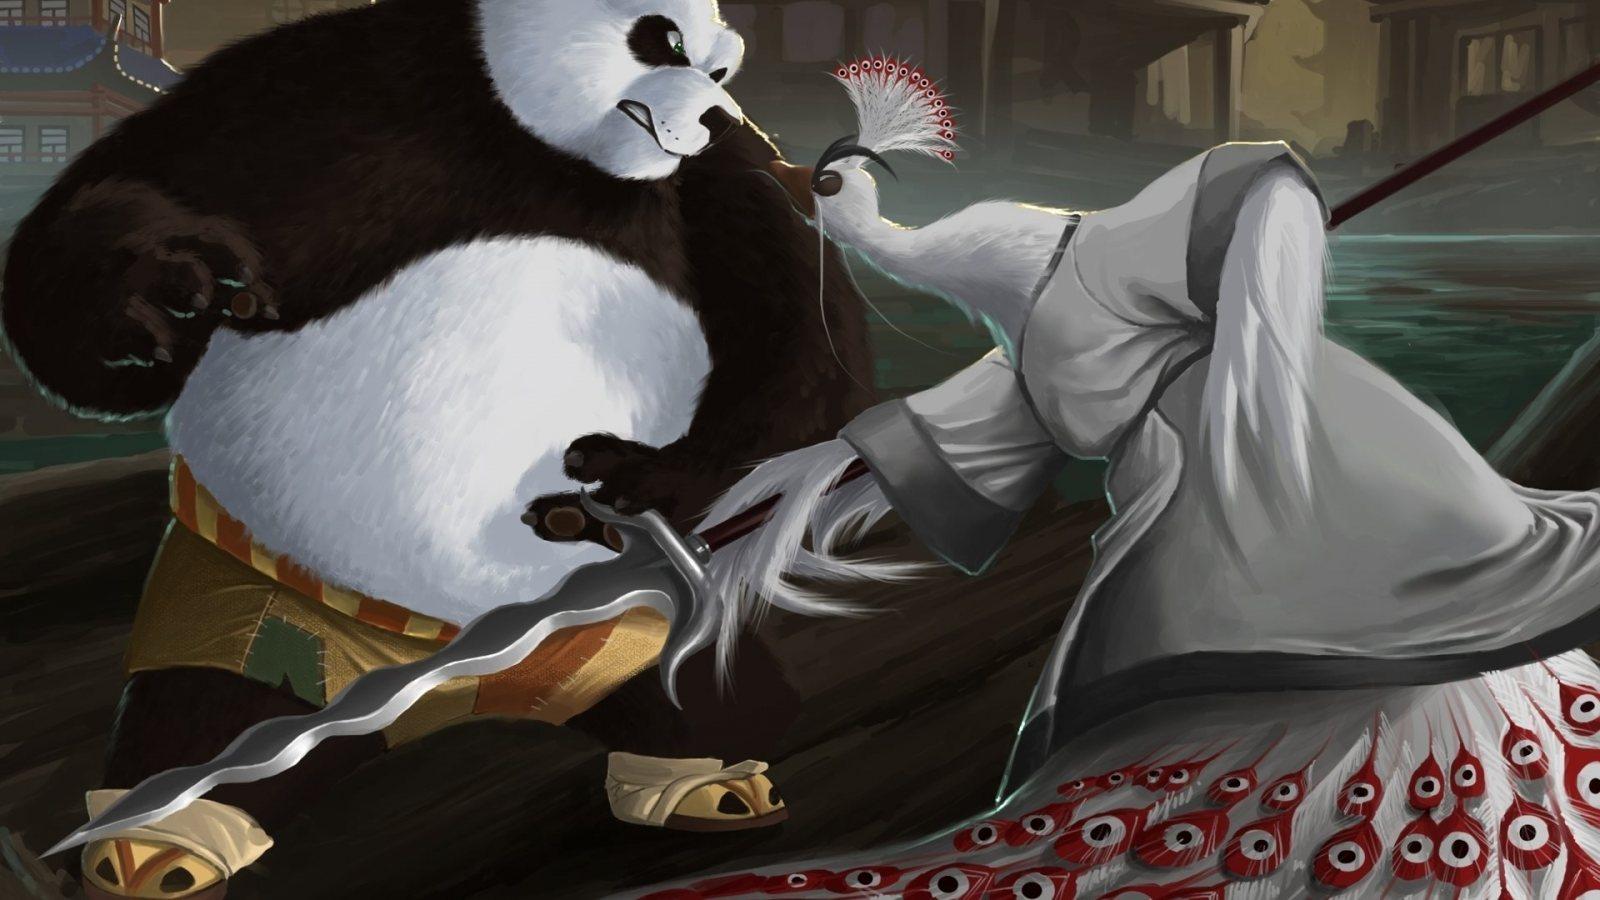 http://3.bp.blogspot.com/-G3yesGeTDP0/ULQgLQ4CwTI/AAAAAAAAHlY/KRZ1Tm4jGa8/s1600/kung-fu-panda-1600x900.jpg